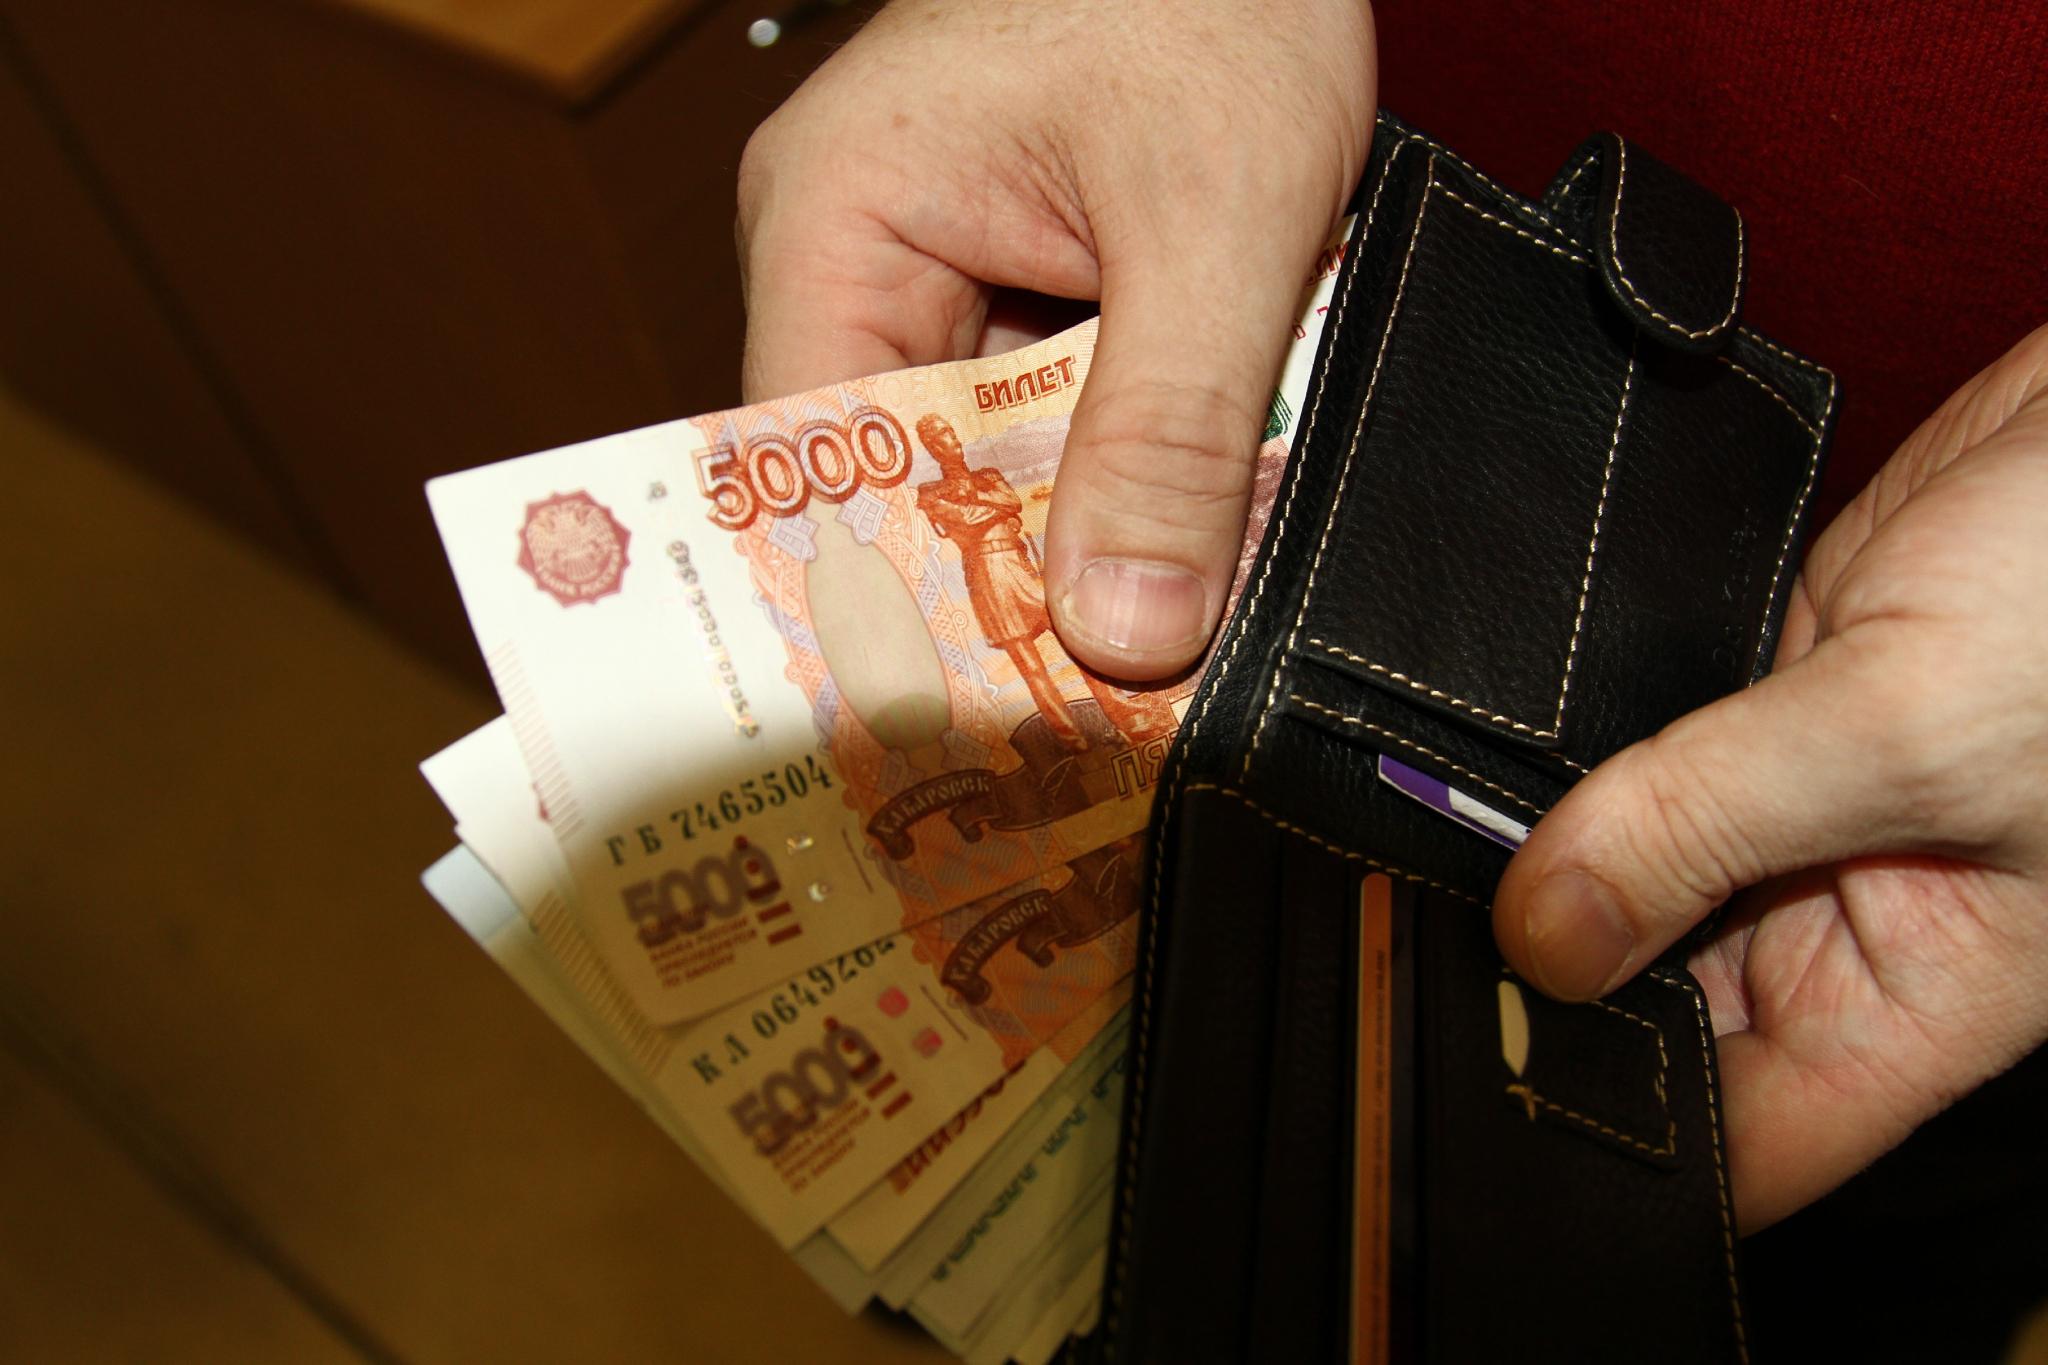 В Чепецке таксист забрал банковскую карту пассажирки и снял с нее деньги